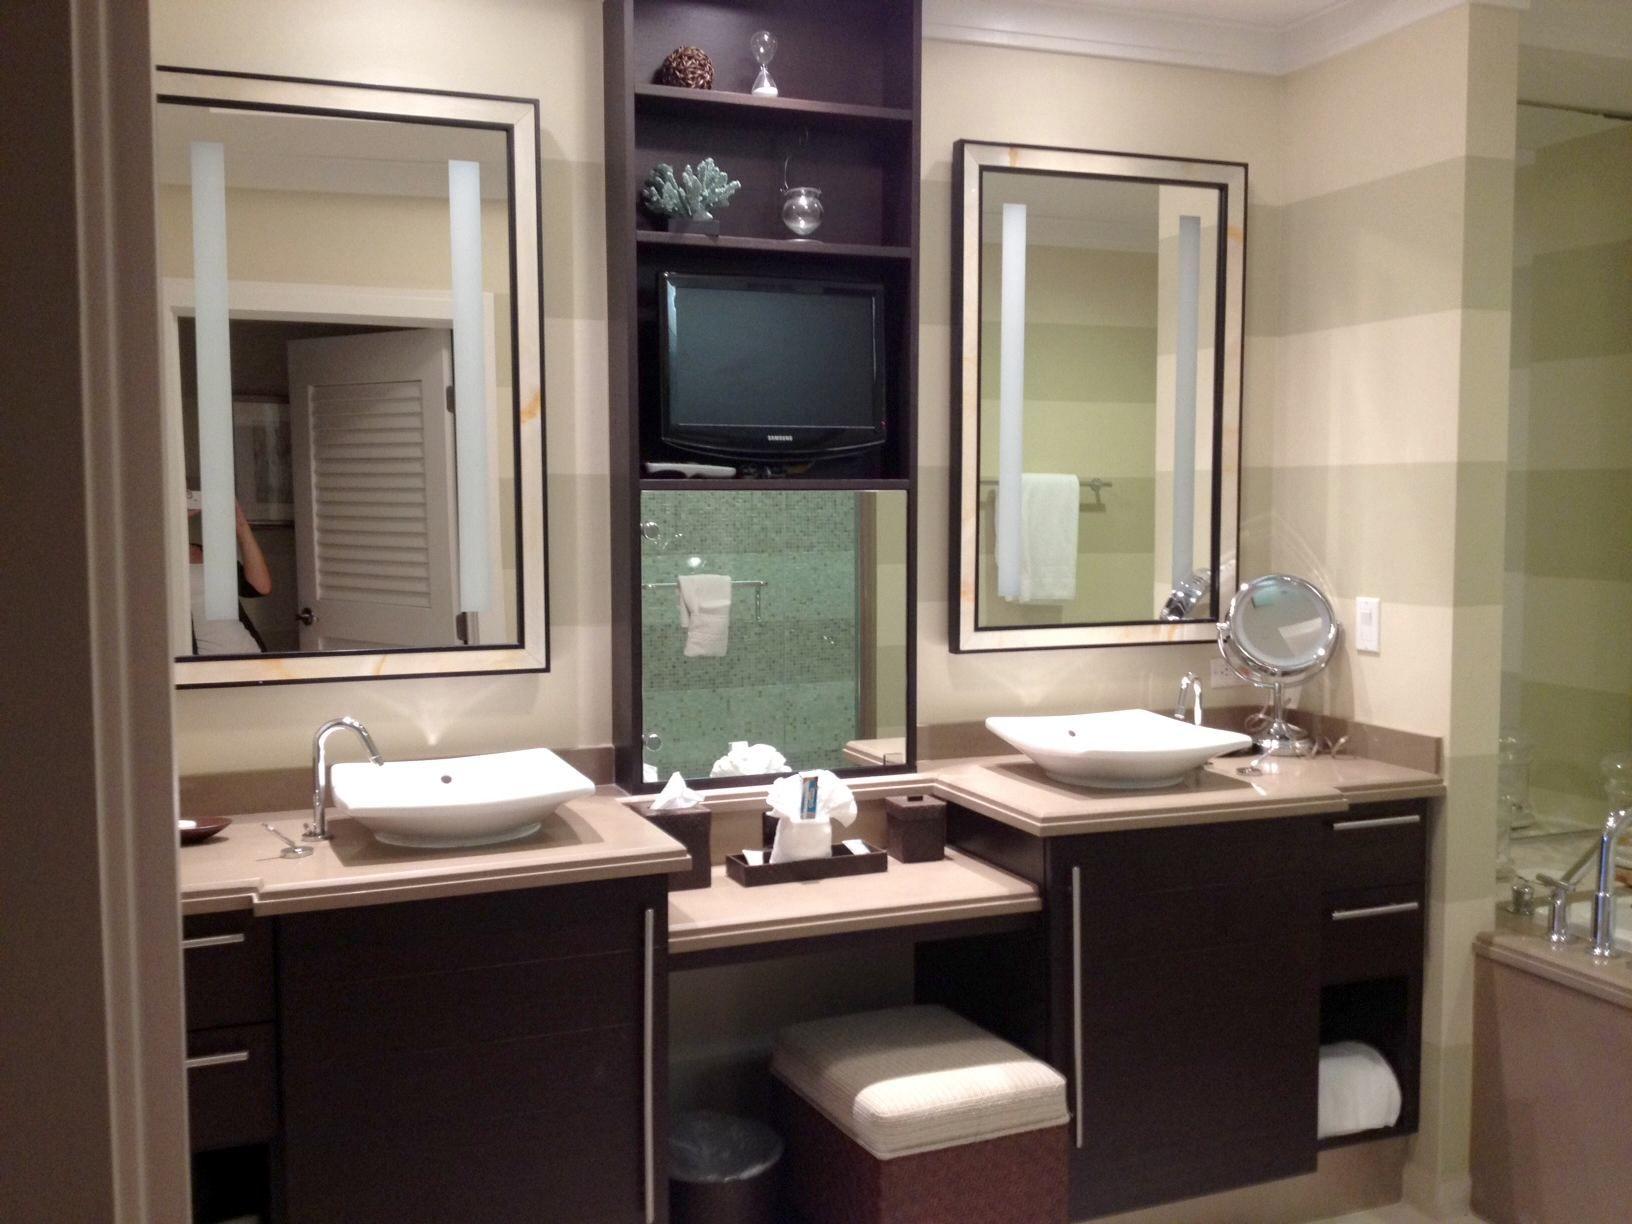 badezimmer eitelkeit spiegel für Ästhetik und funktionen